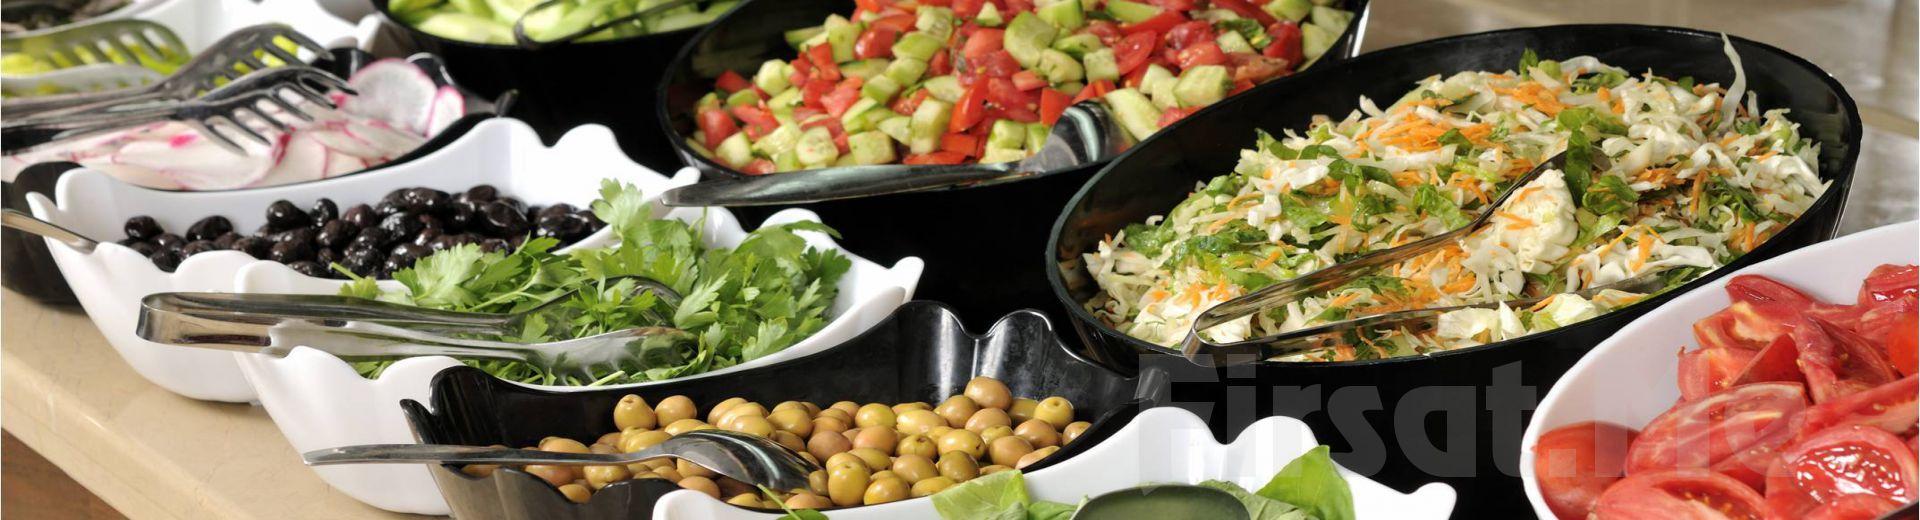 Darıca Salman Steak House'da Kahvaltı Tabağı ve Darıca Faruk Yalçın Hayvanat Bahçesine Giriş Fırsatı!